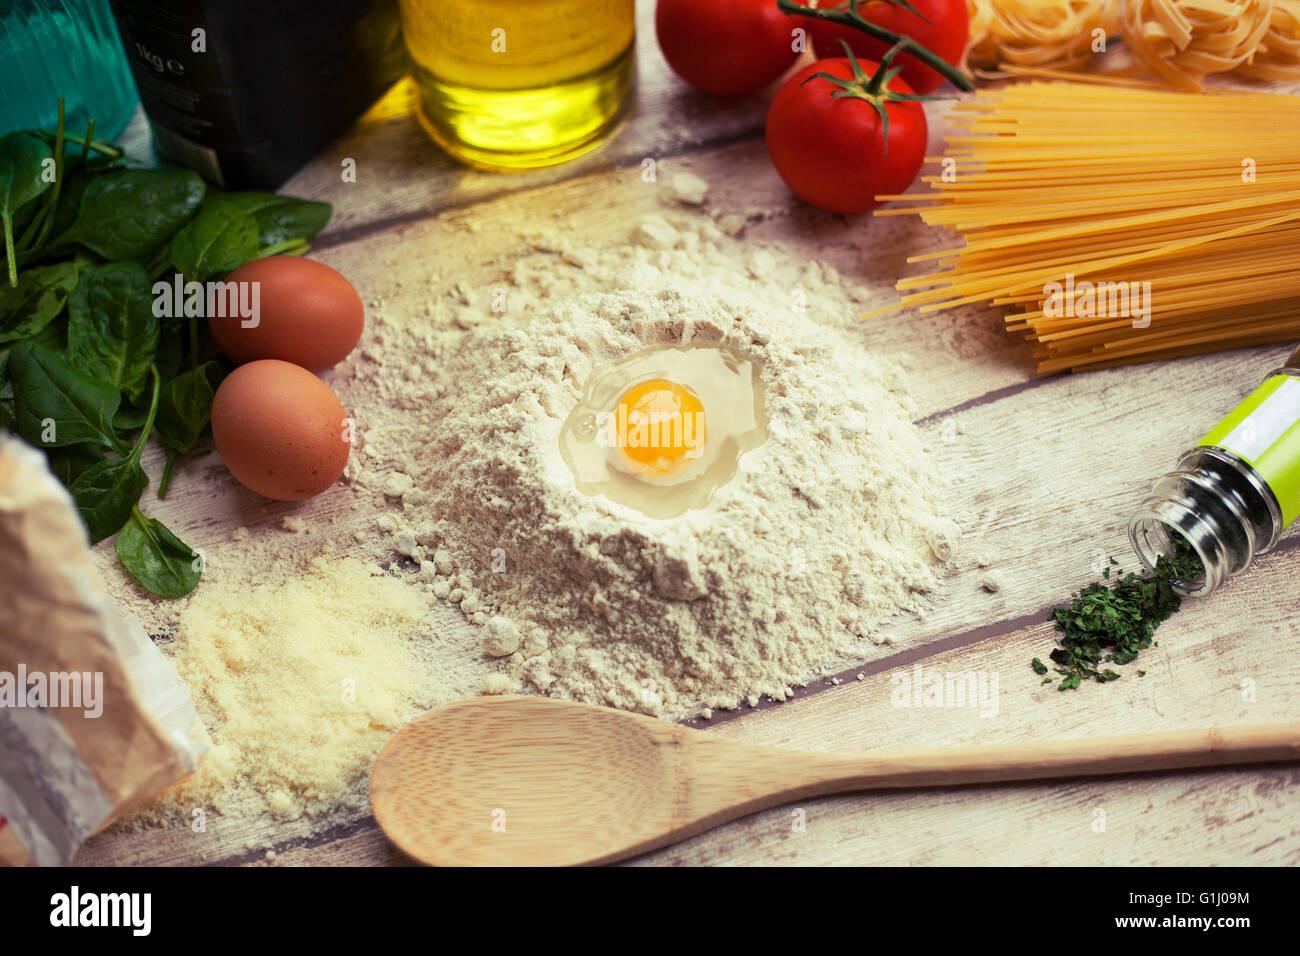 Preparare in casa cibo tradizionale italiano Immagini Stock